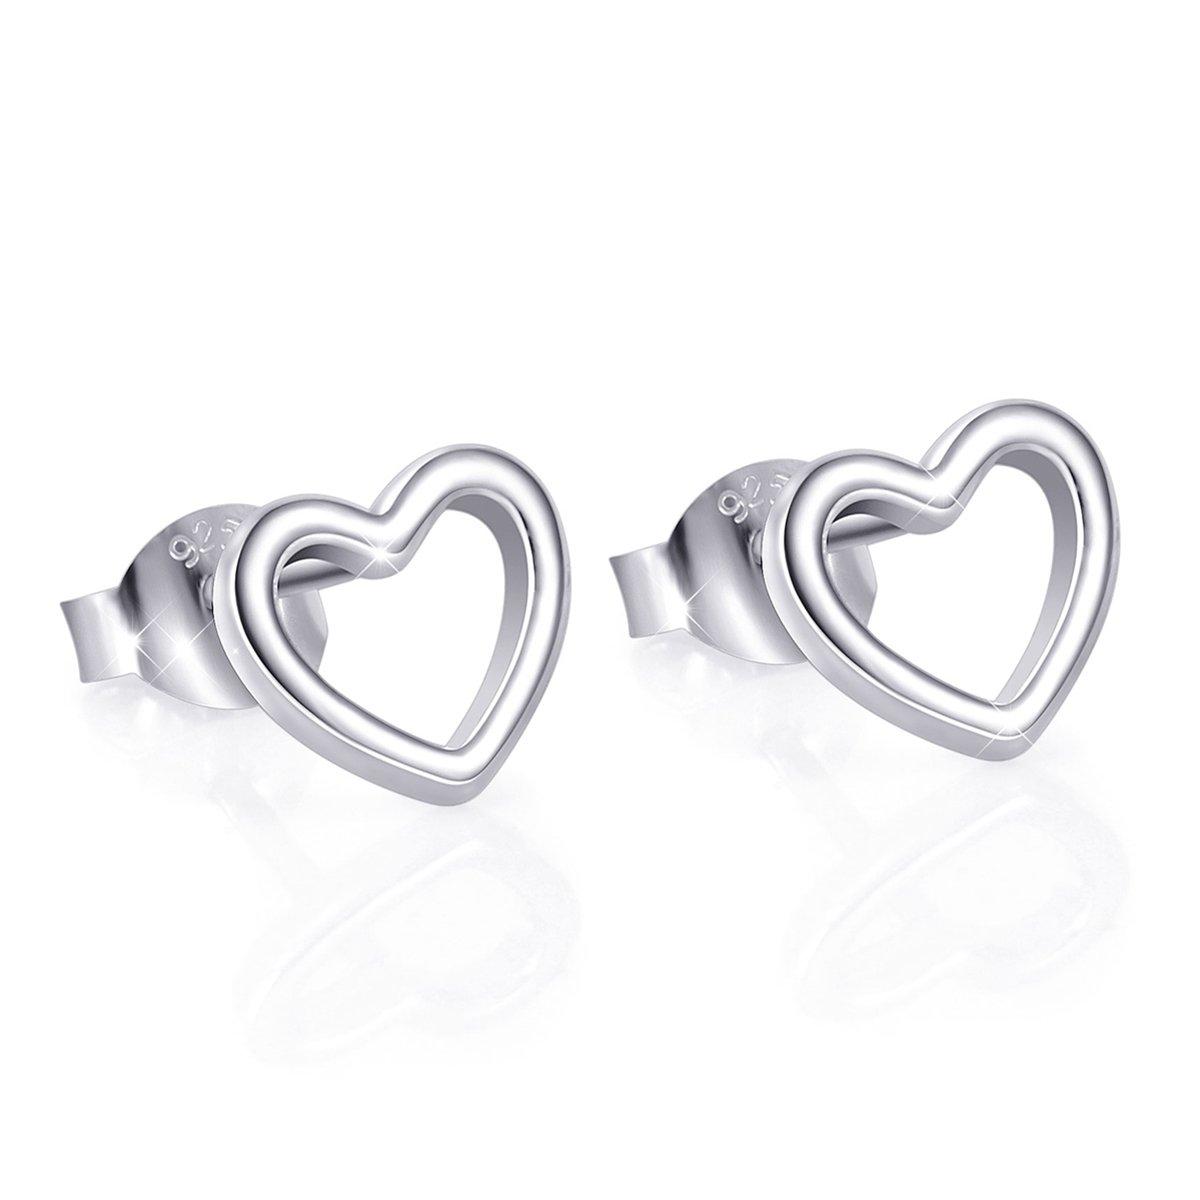 925 Sterling Silver Heart Stud Earrings for Women (Style 1)